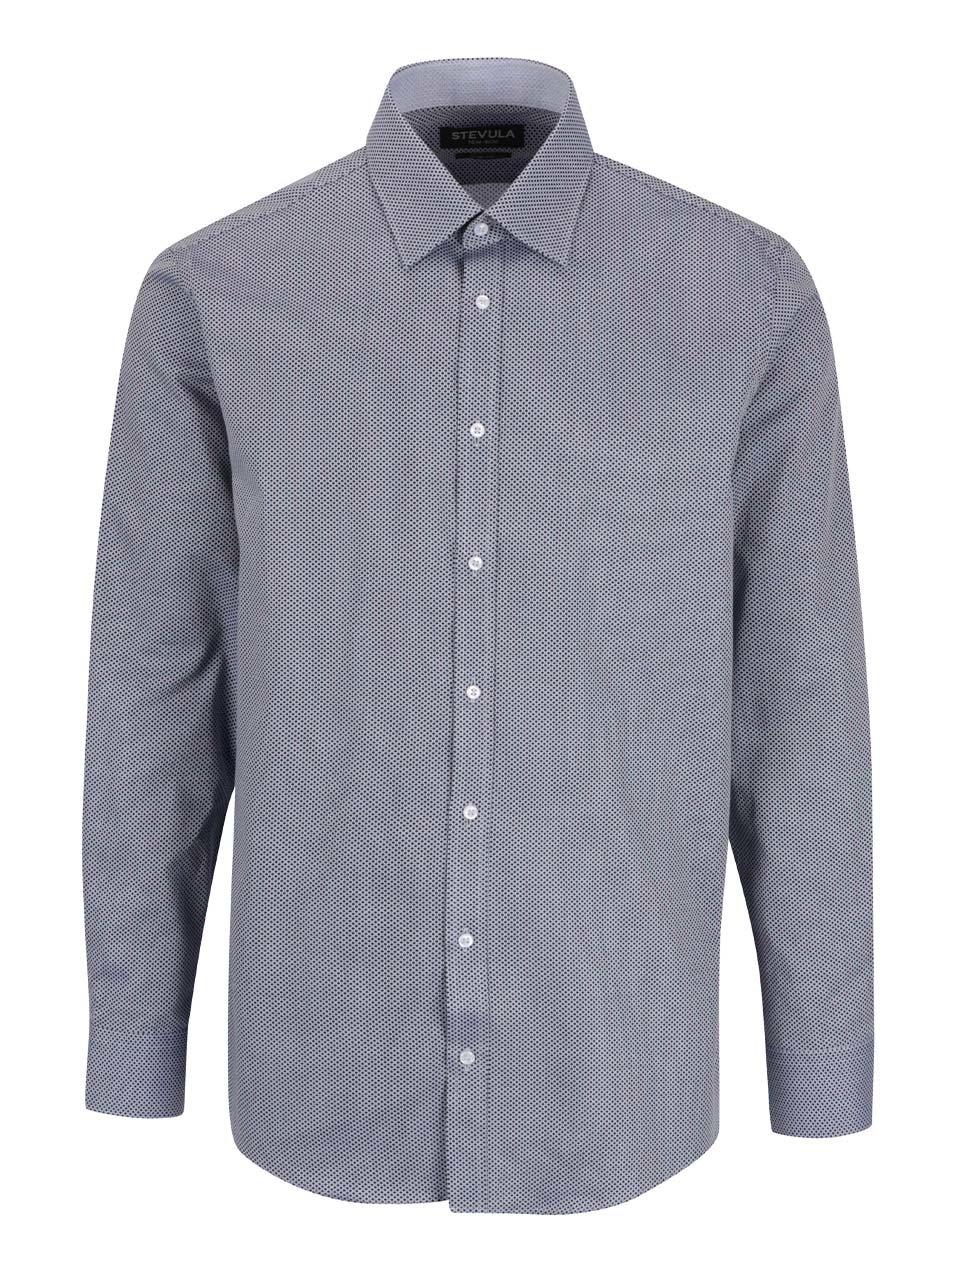 Modrá vzorovaná formální pánská slim fit košile STEVULA d3e09c1805